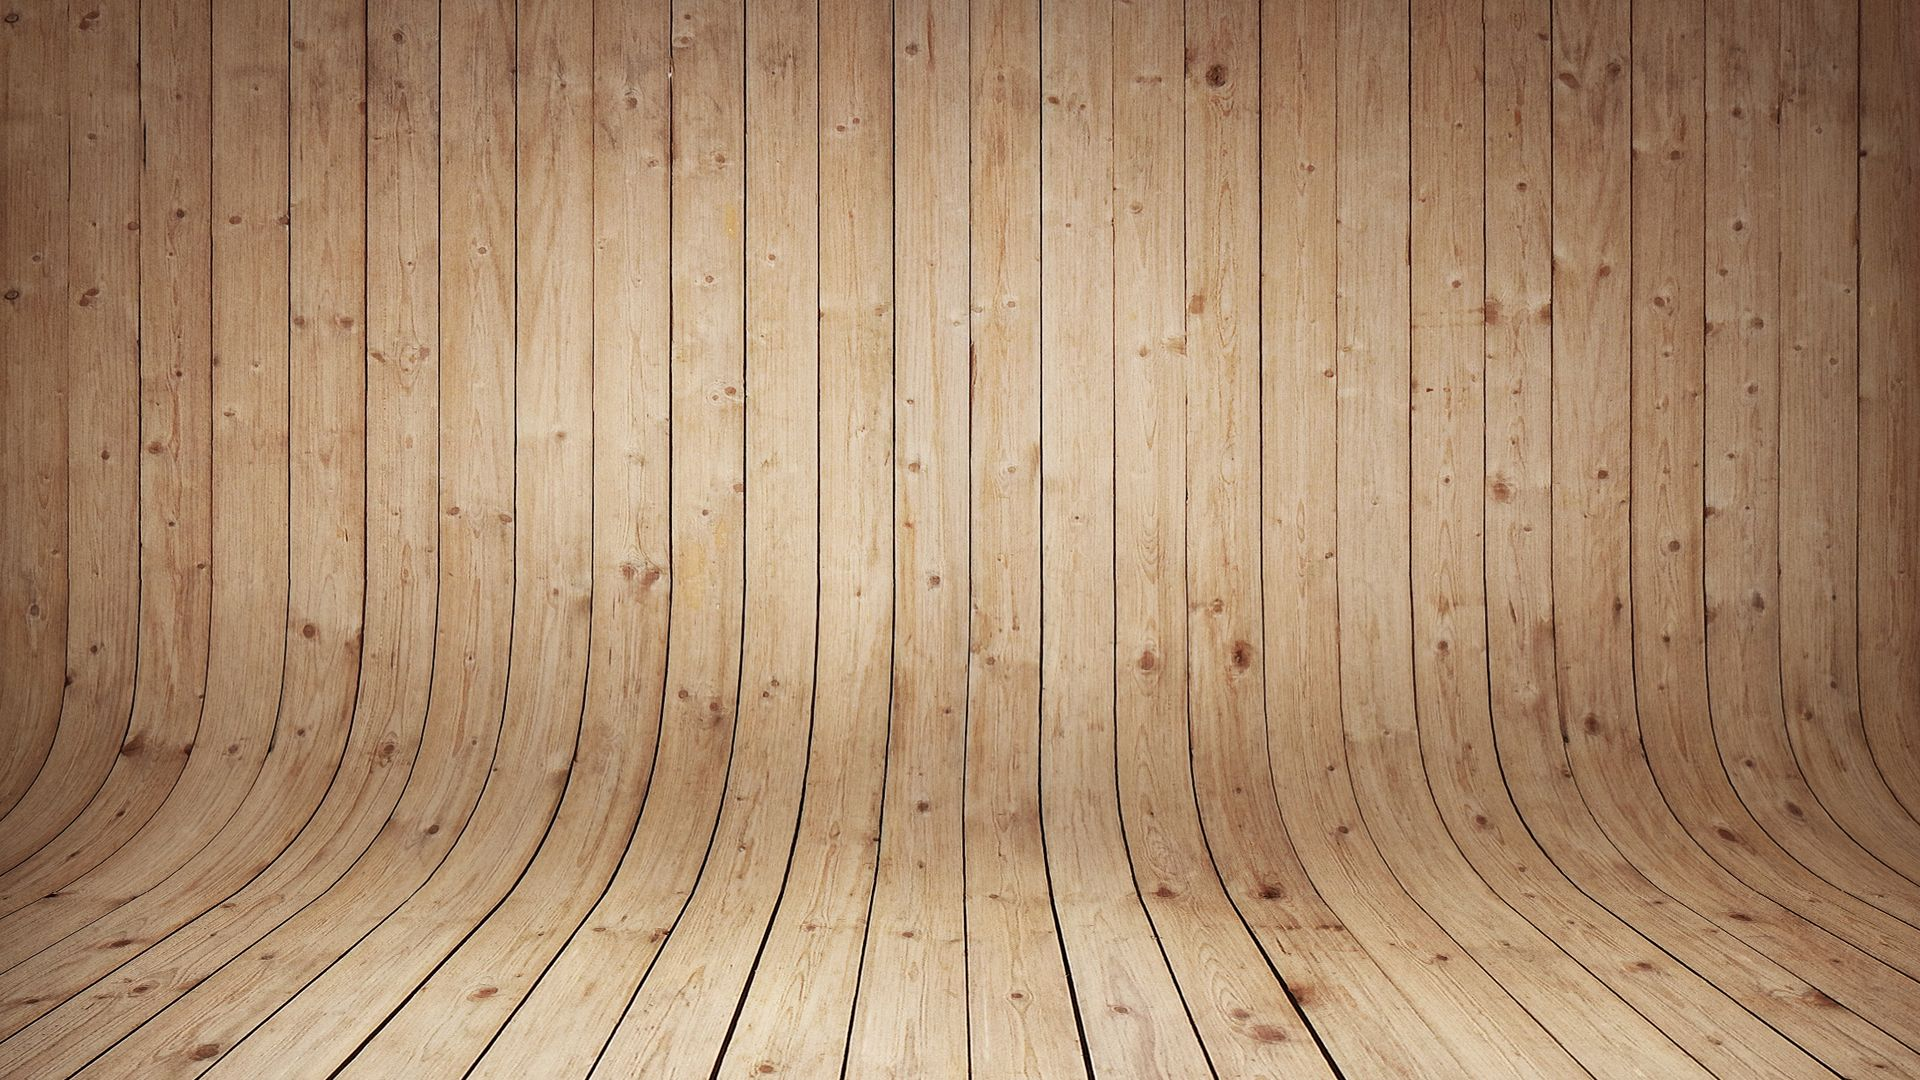 wood wall hd desktop wallpaper widescreen high definition